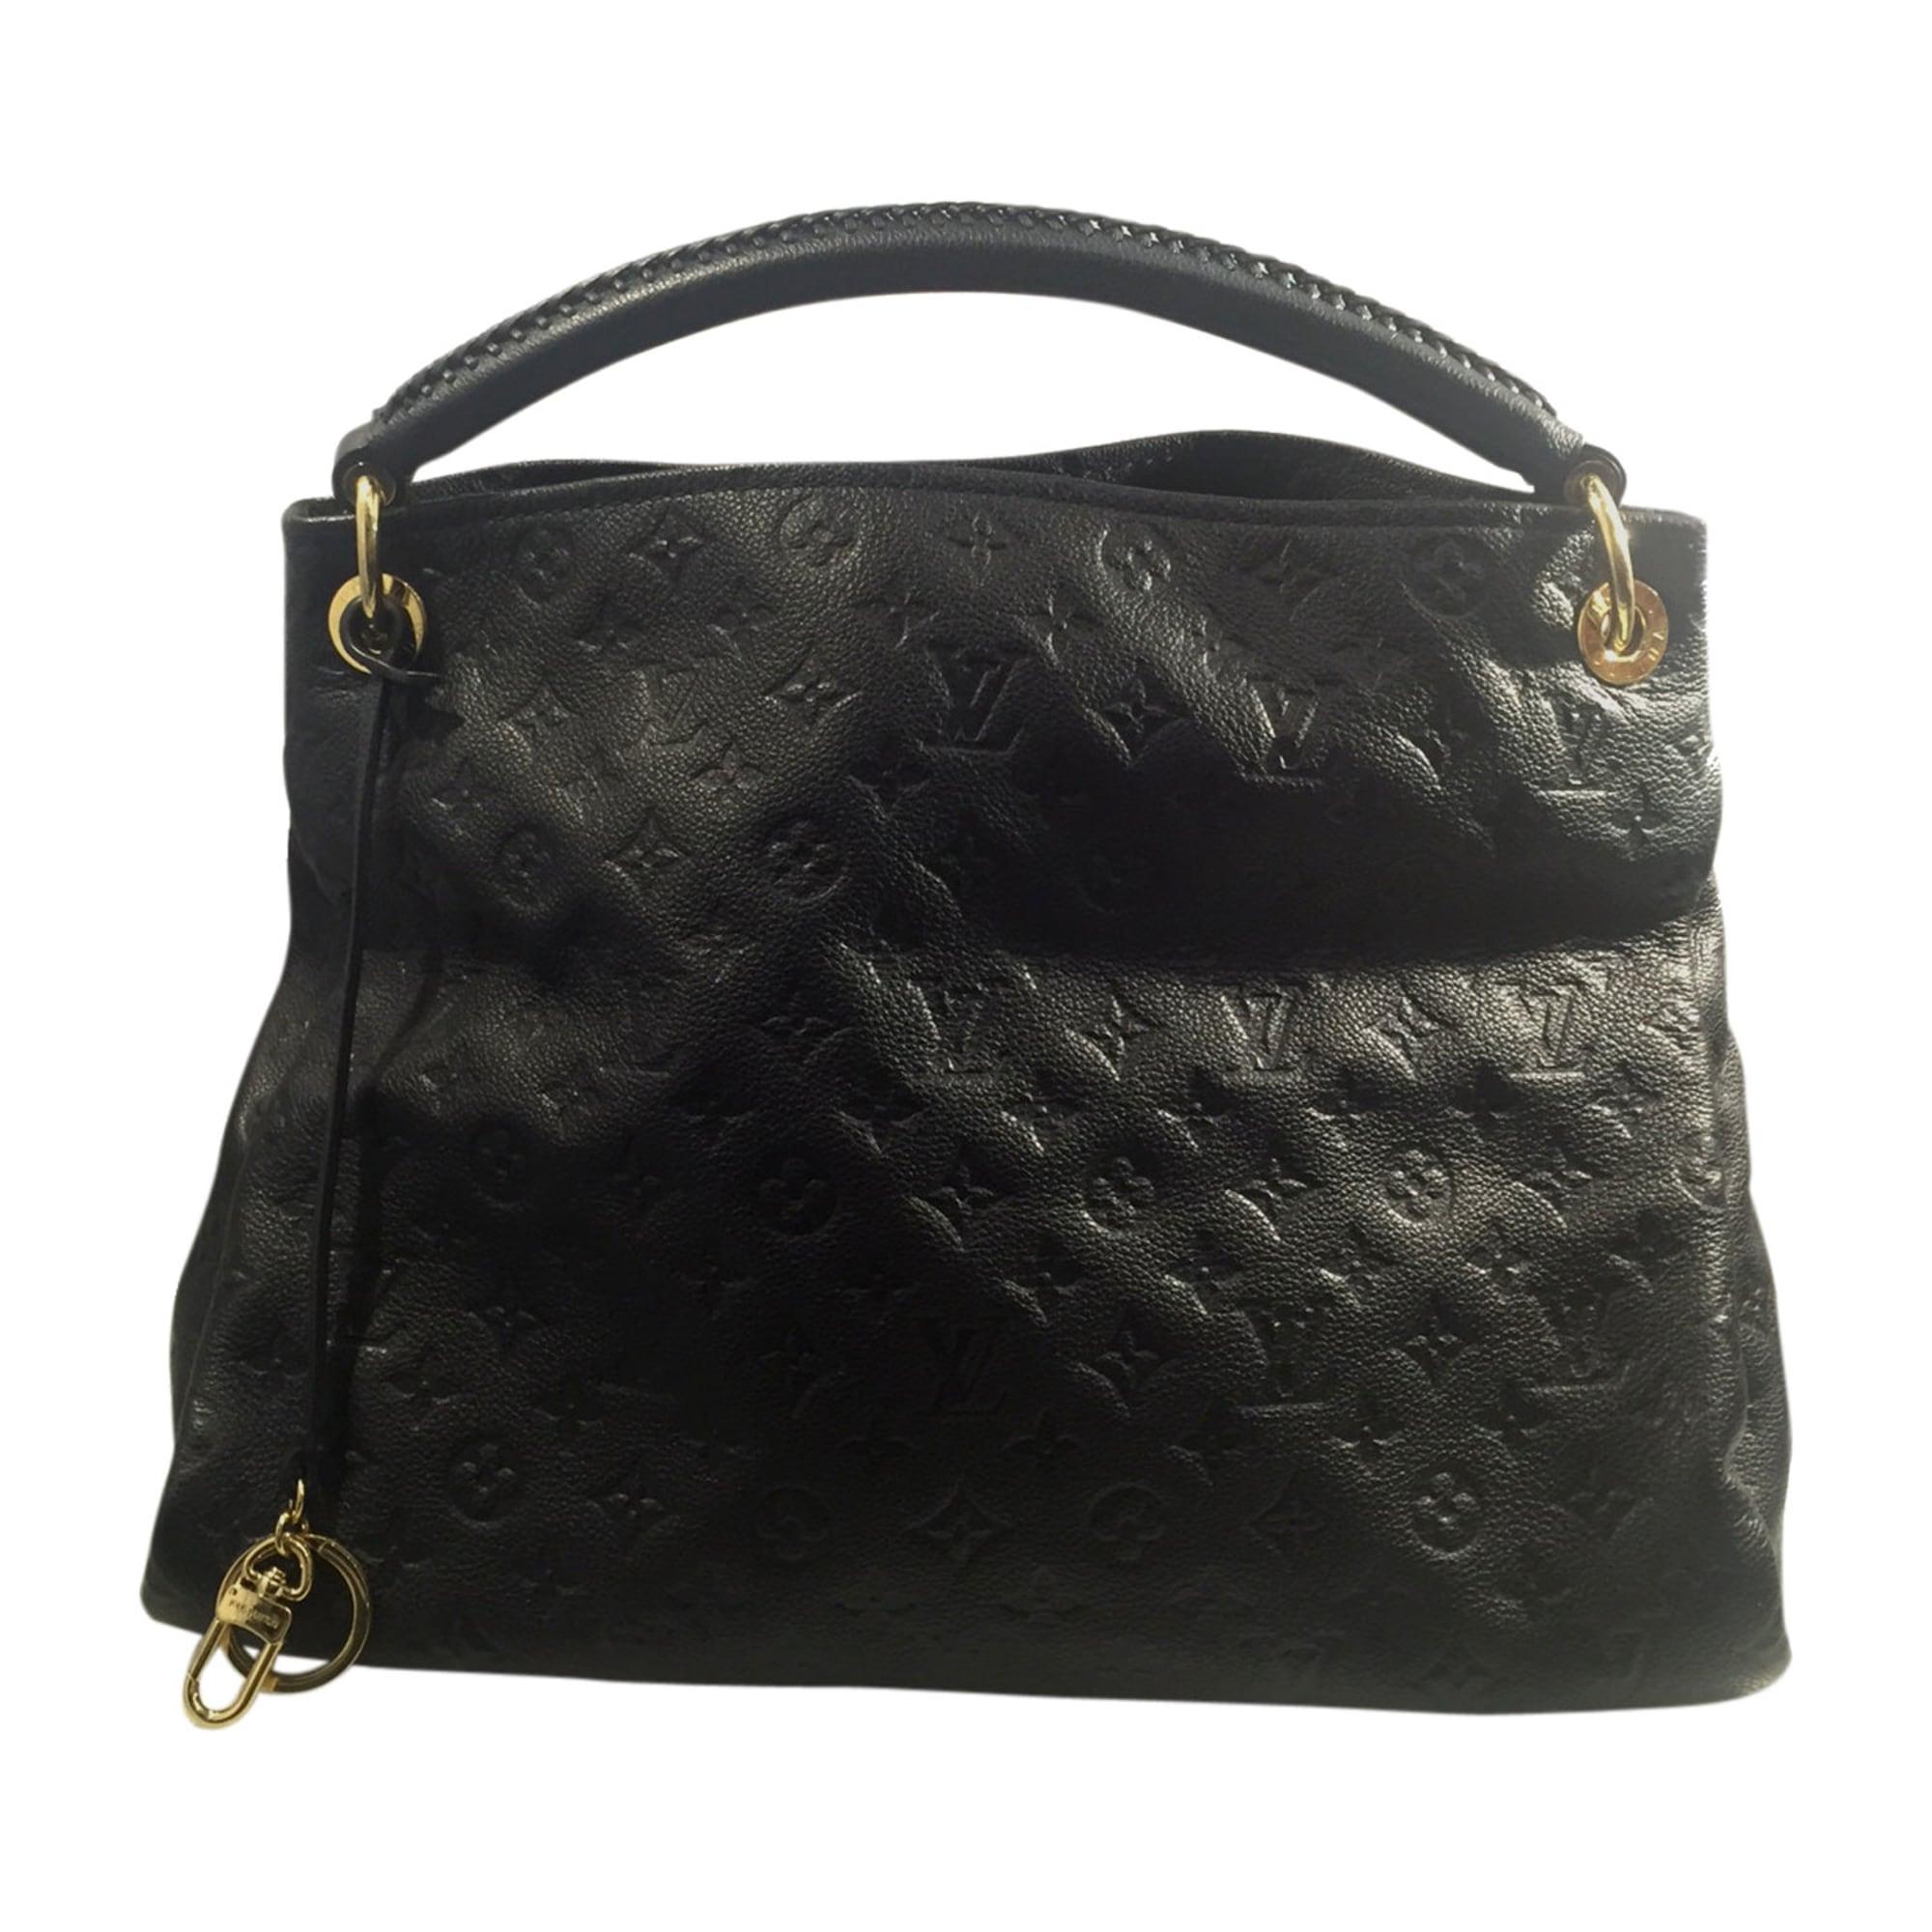 a37dc8b7e38 Sac à main en cuir LOUIS VUITTON artsy noir vendu par Cash web lille ...